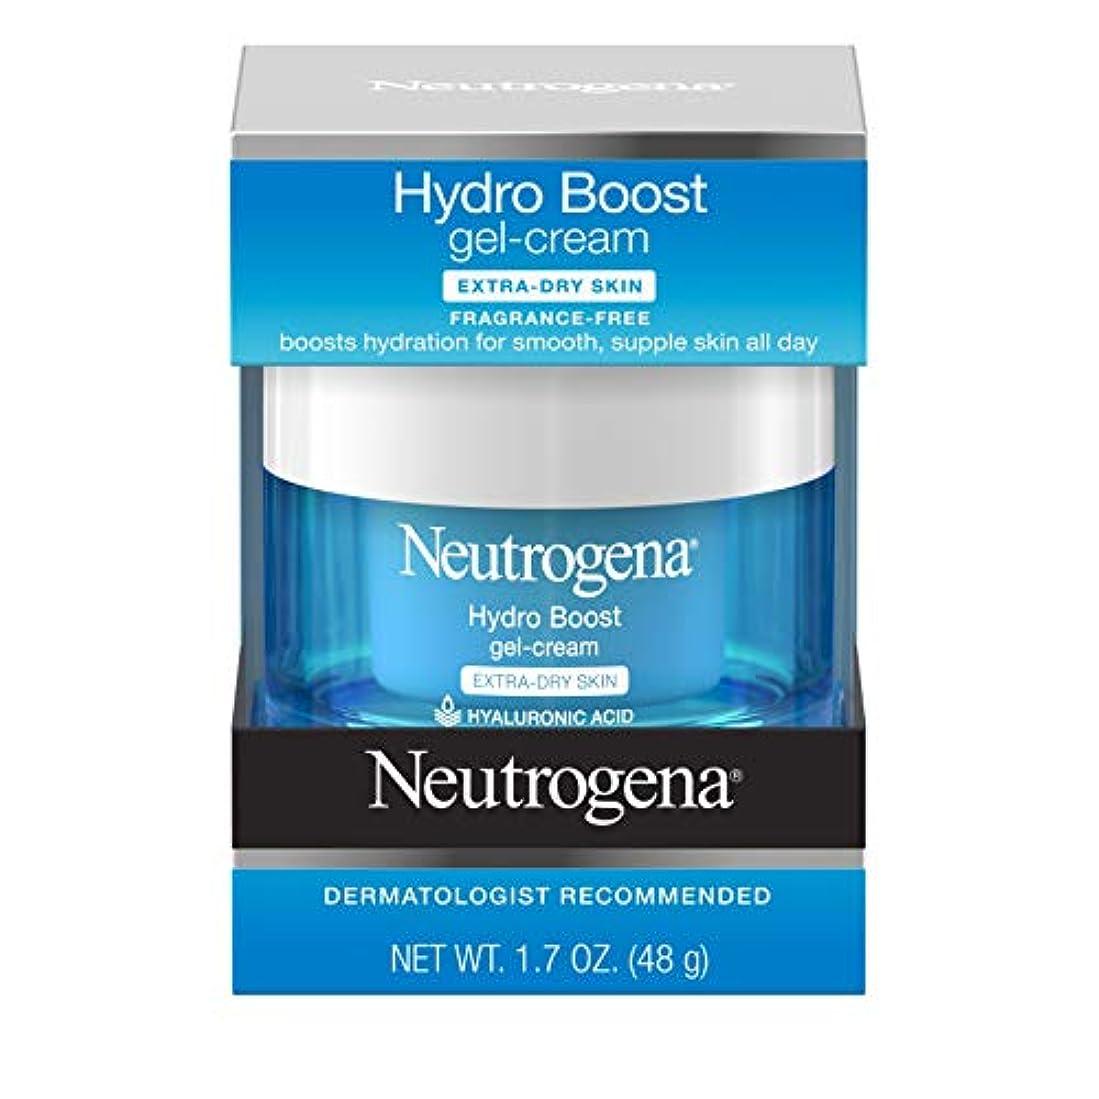 似ている暴動真空Neutrogena Hydro Boost Gel Cream, Extra Dry Skin, 1.7 Ounce  海外直送品?並行輸入品